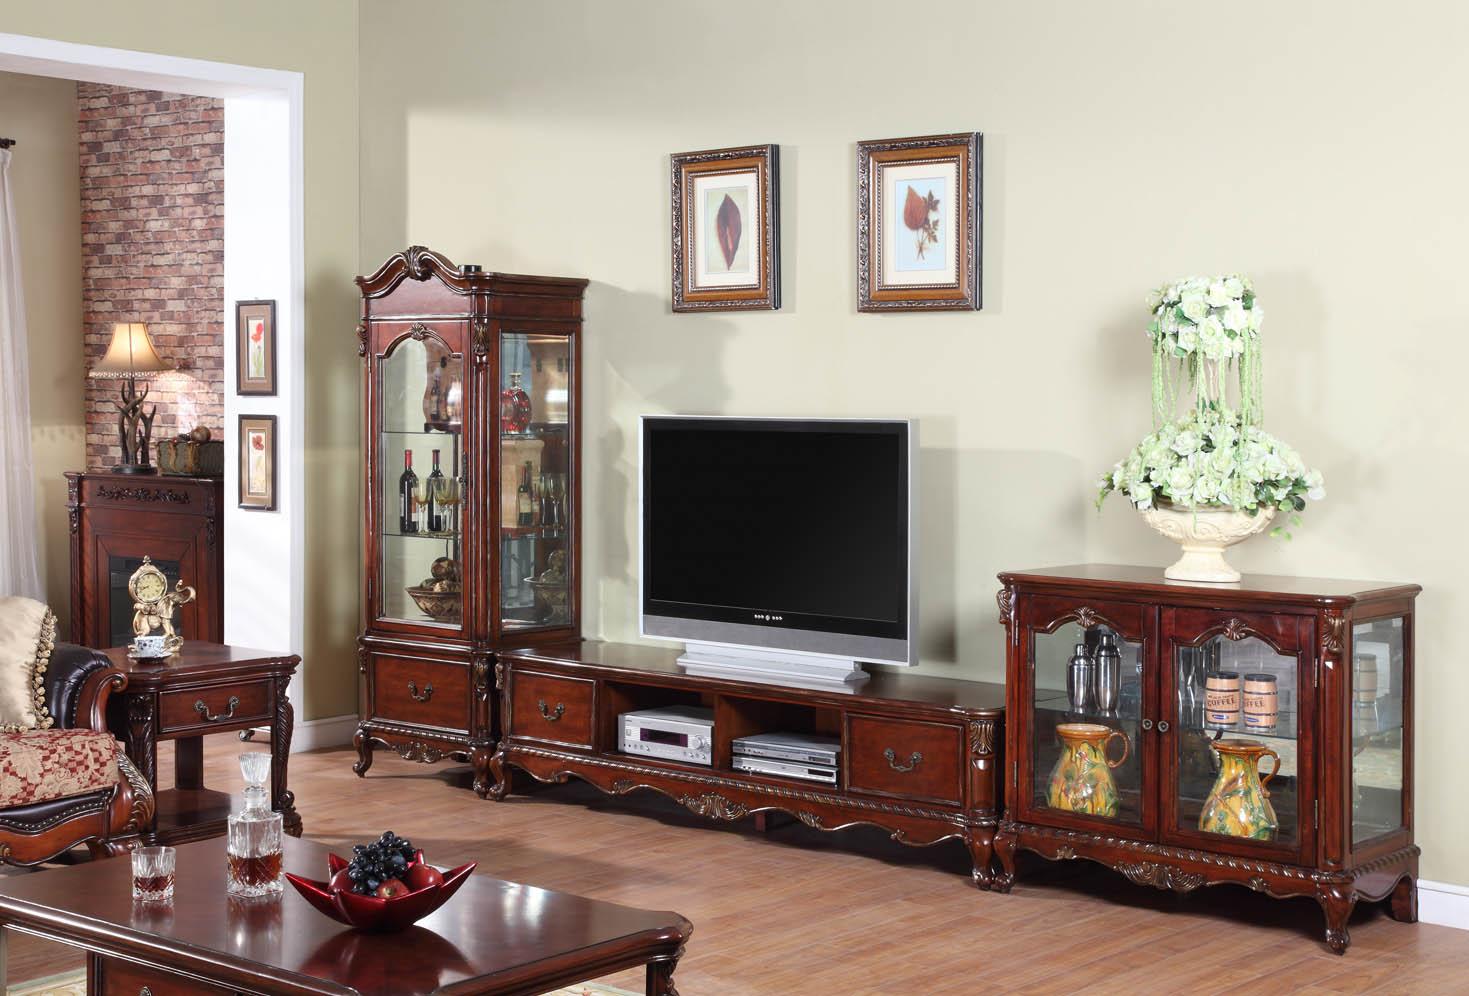 卧室电视柜的挑选选择以及风格